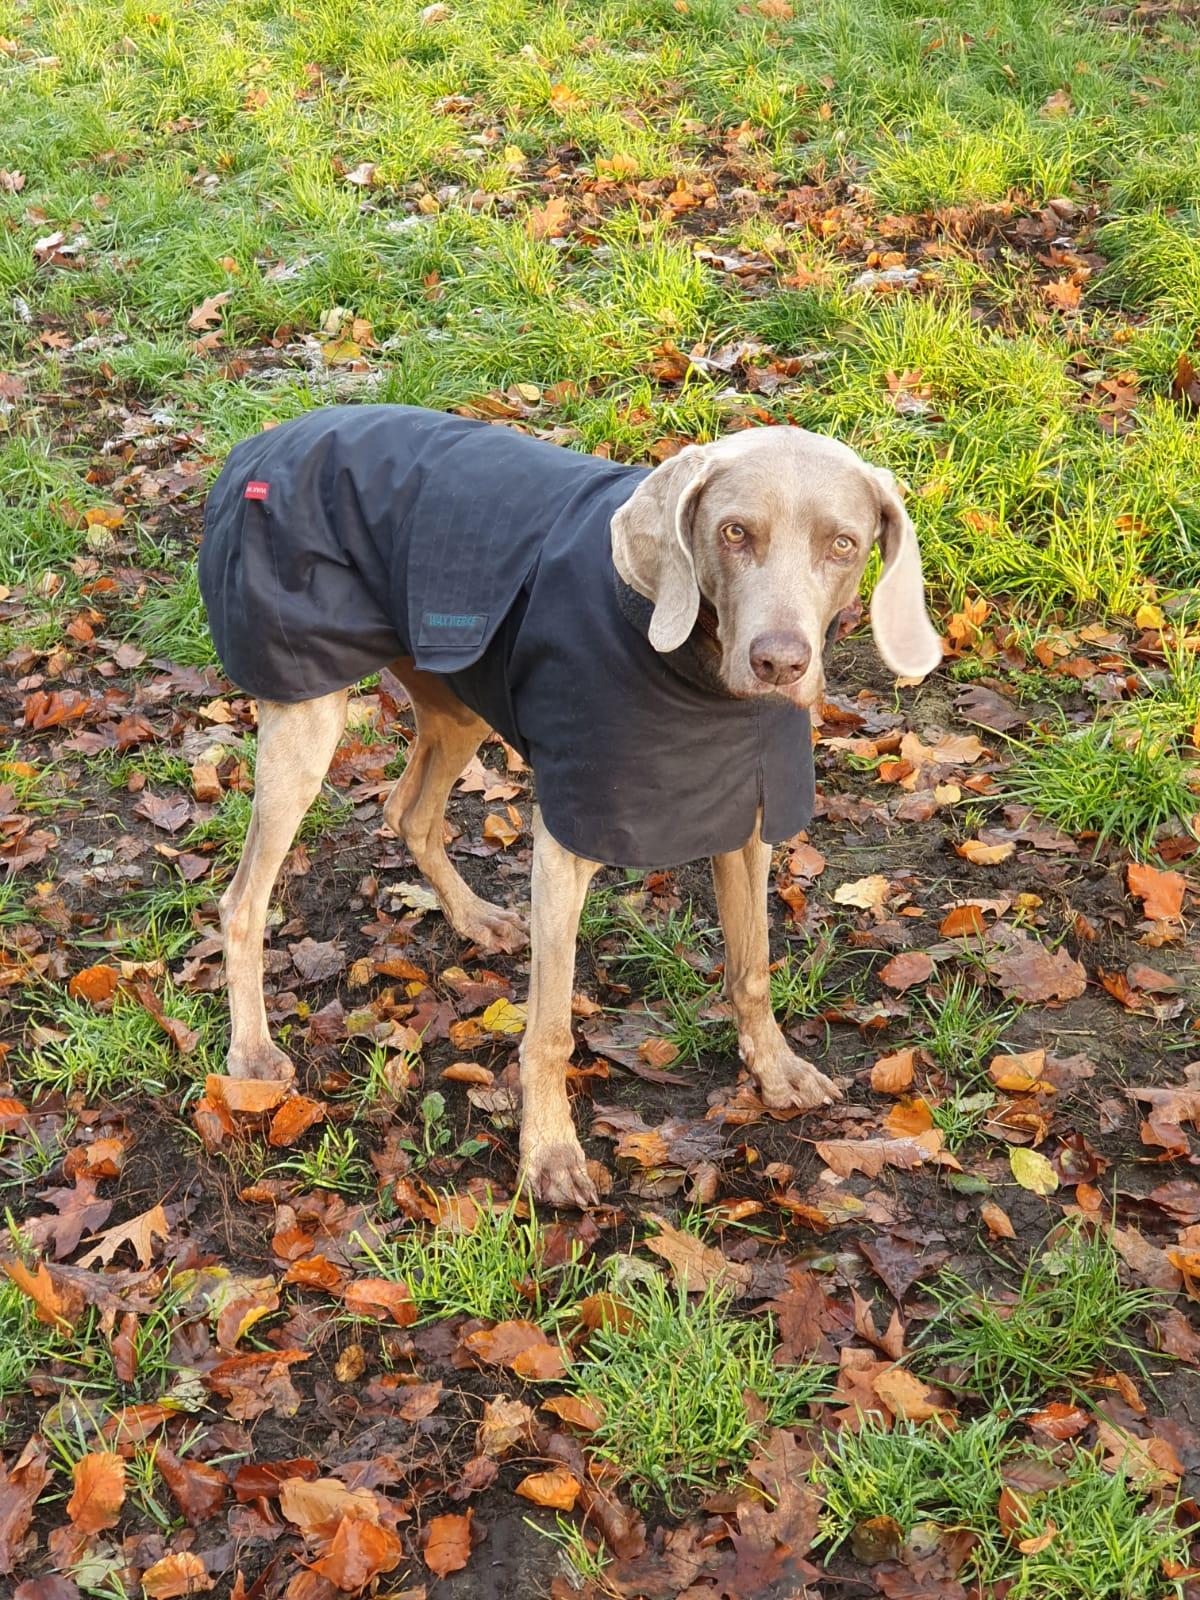 Ein Hundemantel aus Waxed Cotton hält im Herbst Kälte und Feuchtigkeit ab.